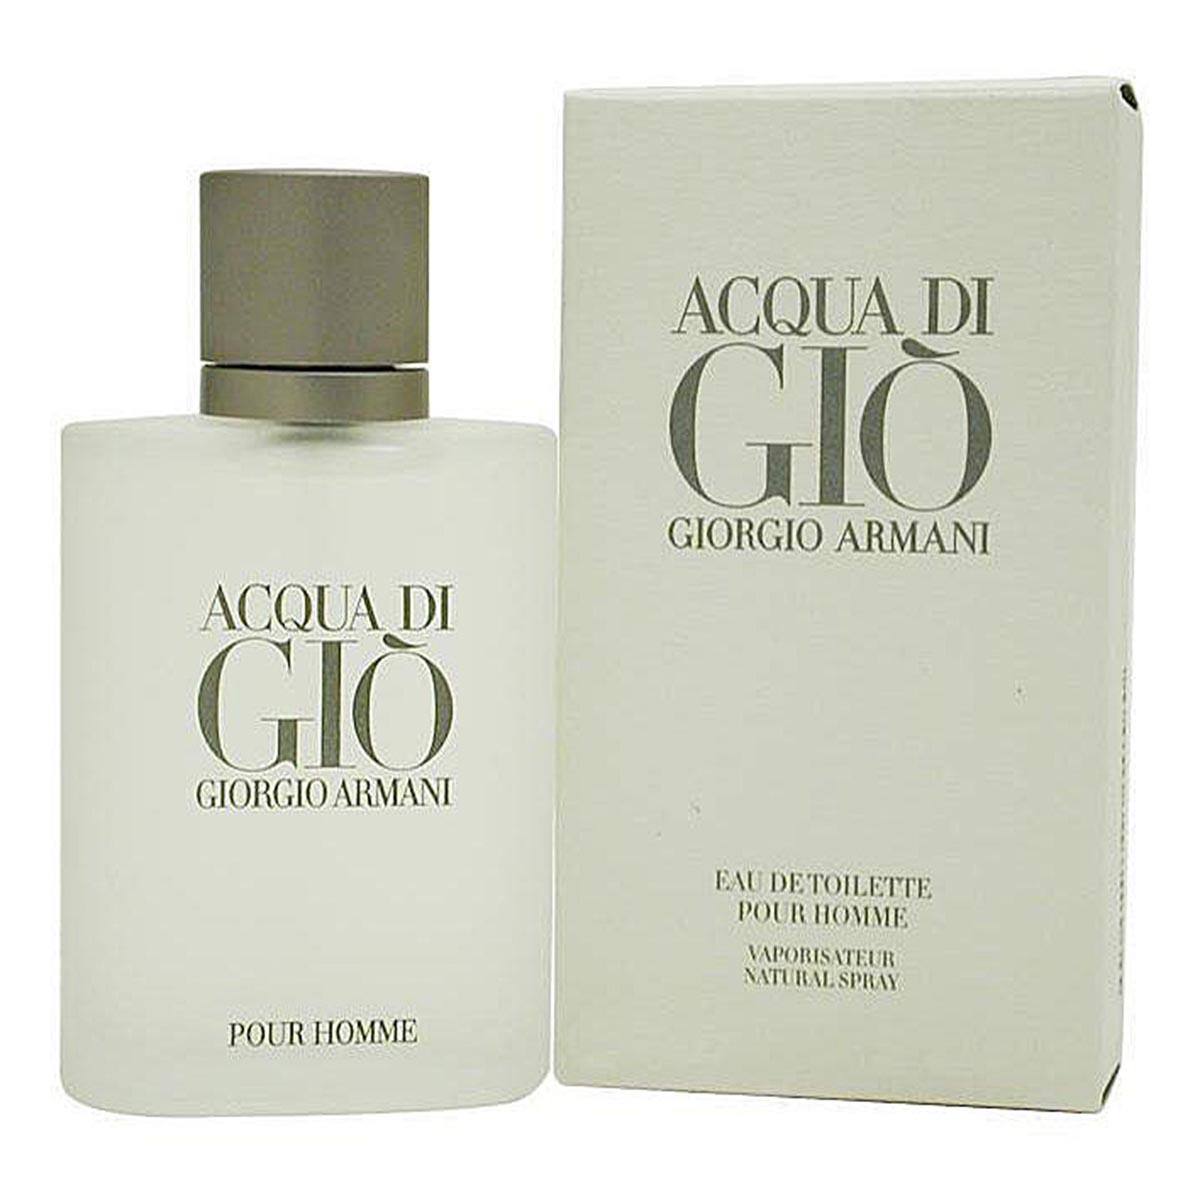 Giorgio armani acqua di gio eau de toilette 30ml vaporizador